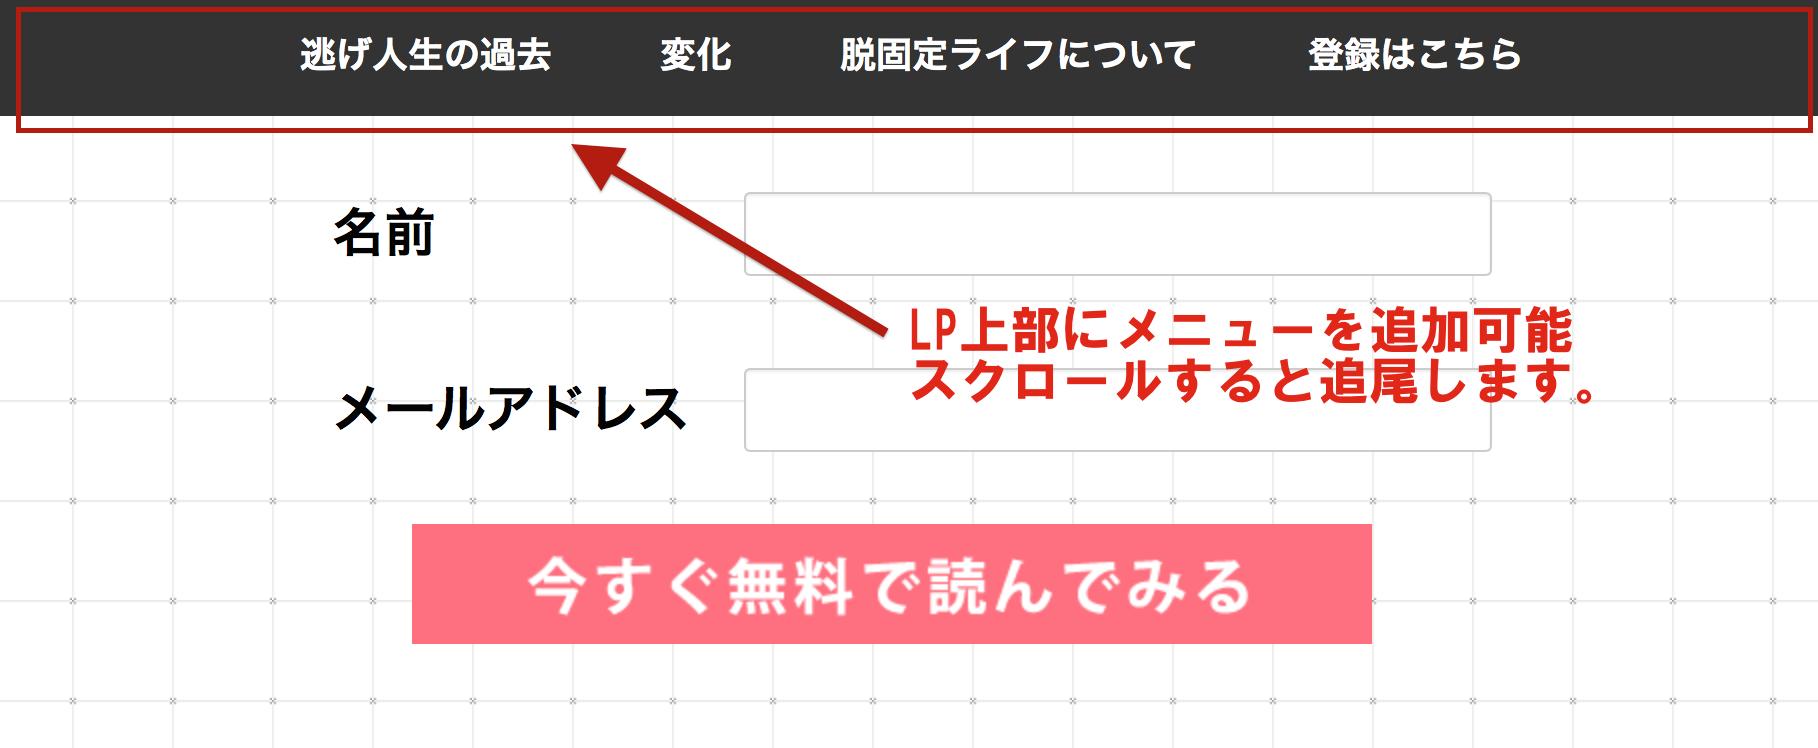 スクリーンショット 2014-12-29 17.04.47